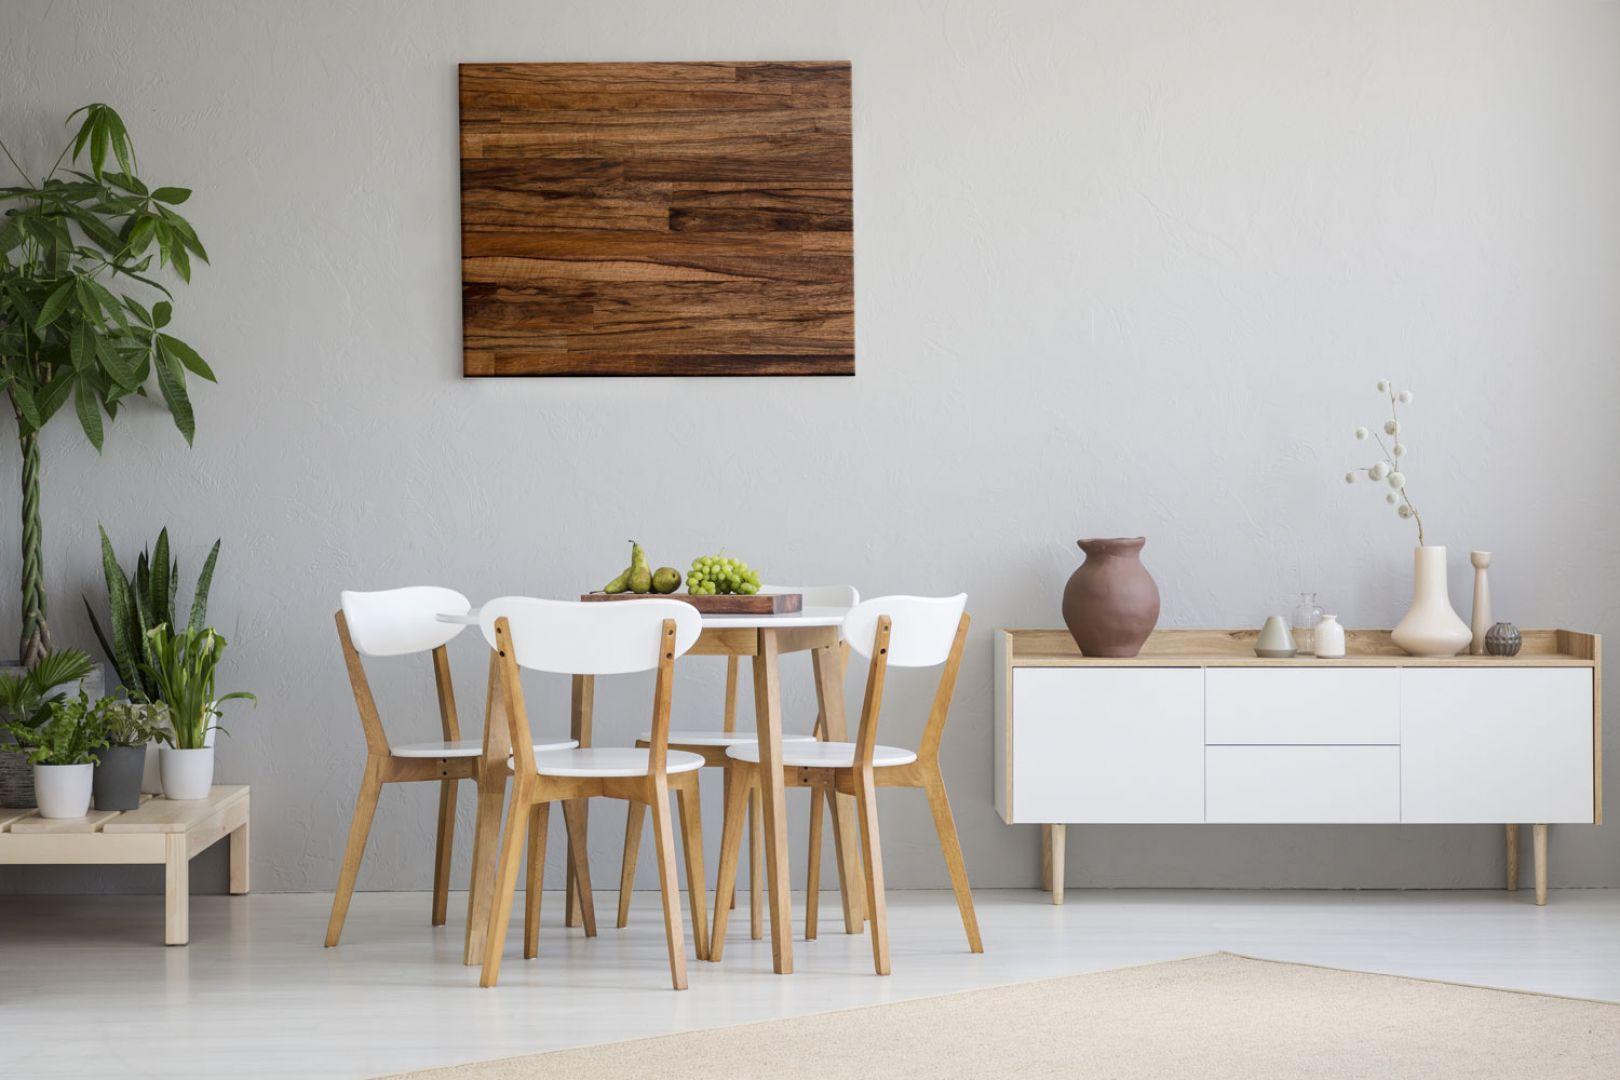 Drewno doskonale sprawdzi się jako obraz zdobiący ścianę w jadalni lub w salonie. Fot. DLH